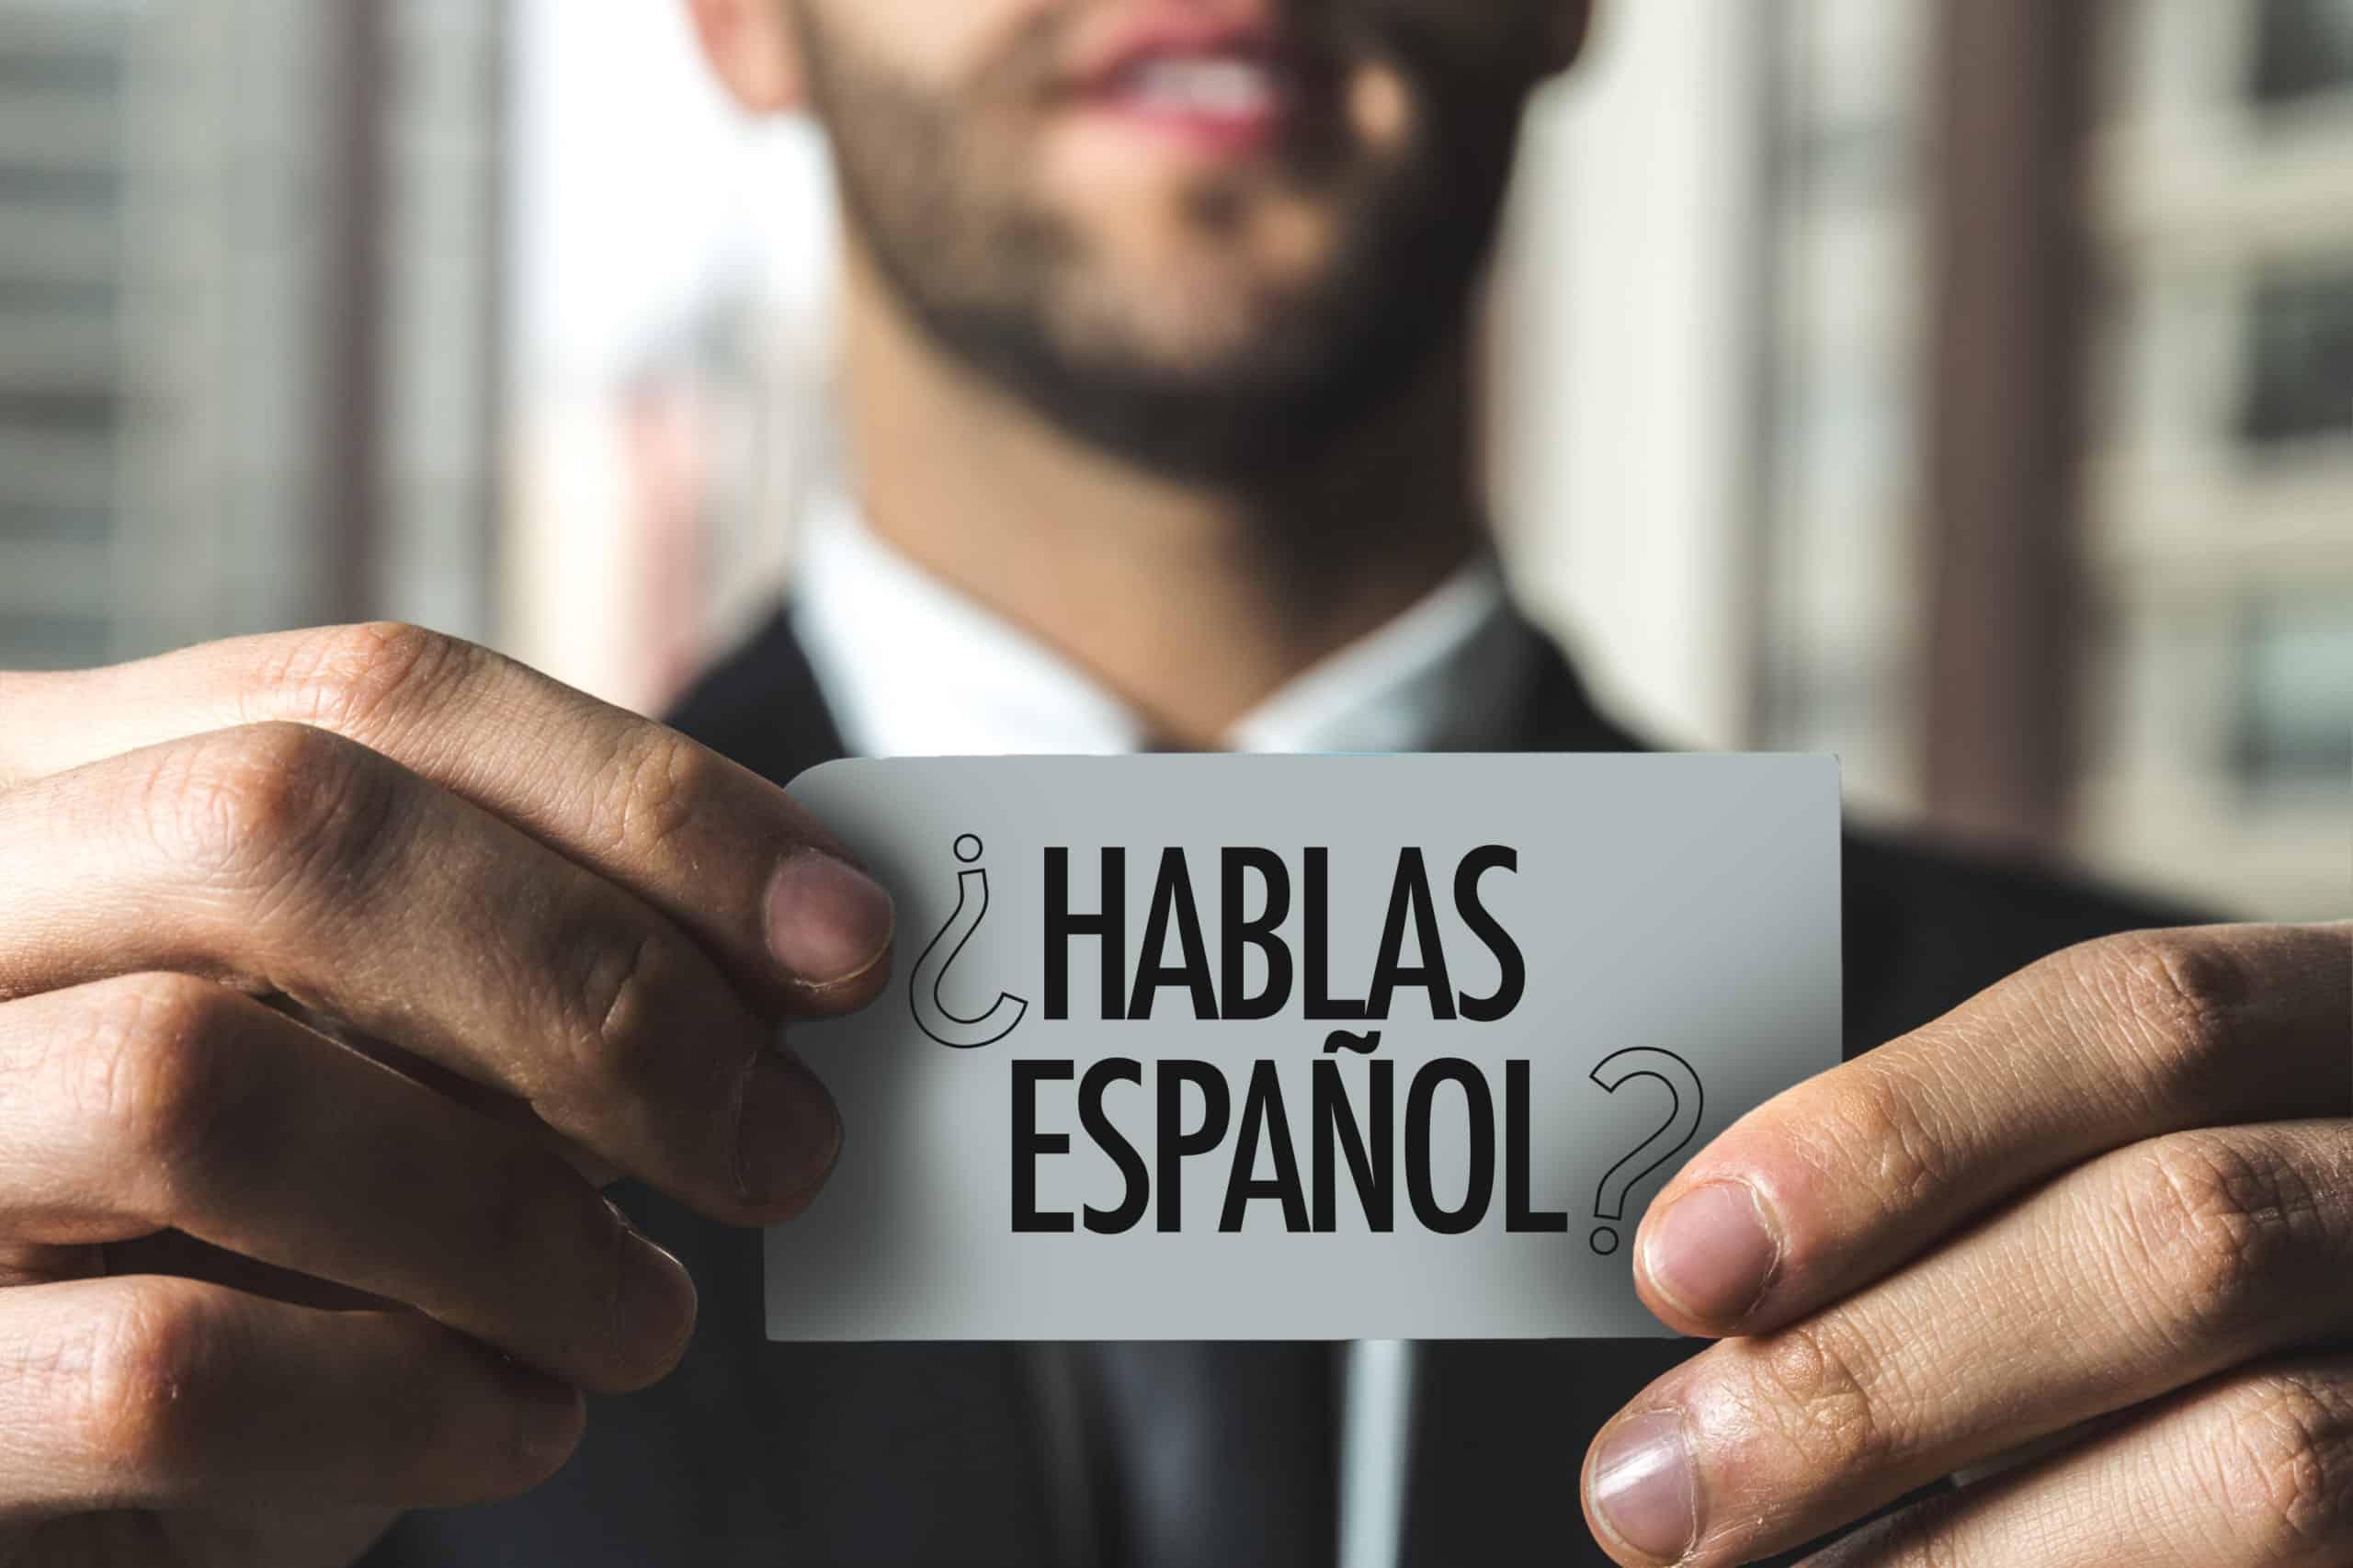 traduccion espanol espana y latinoamerica